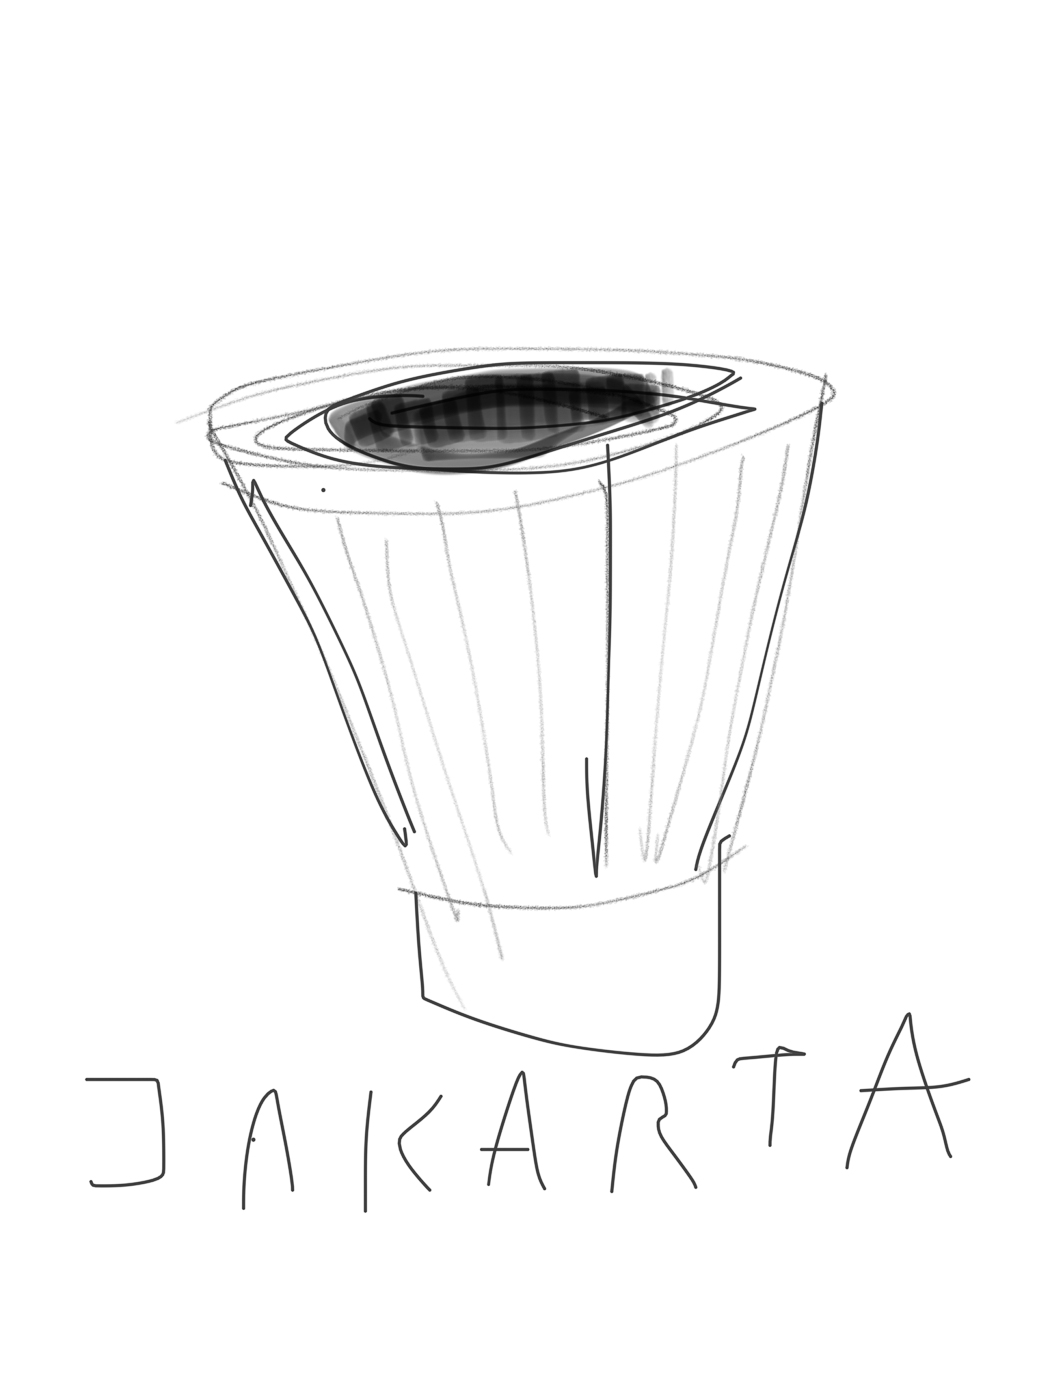 Sketch-232.jpg